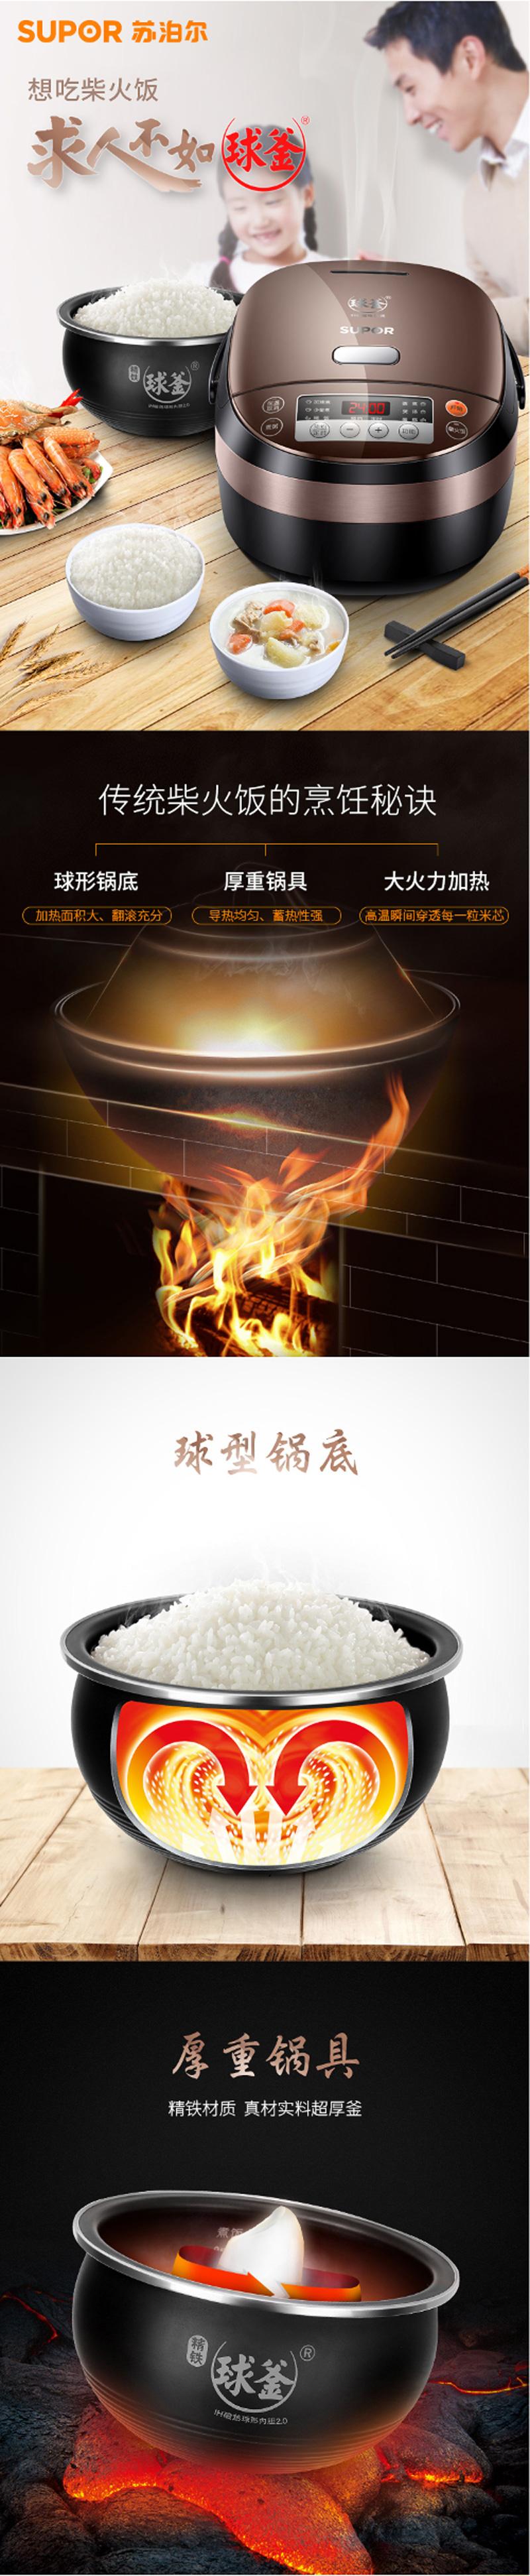 苏泊尔CFXB50HC19-120电饭锅 5L